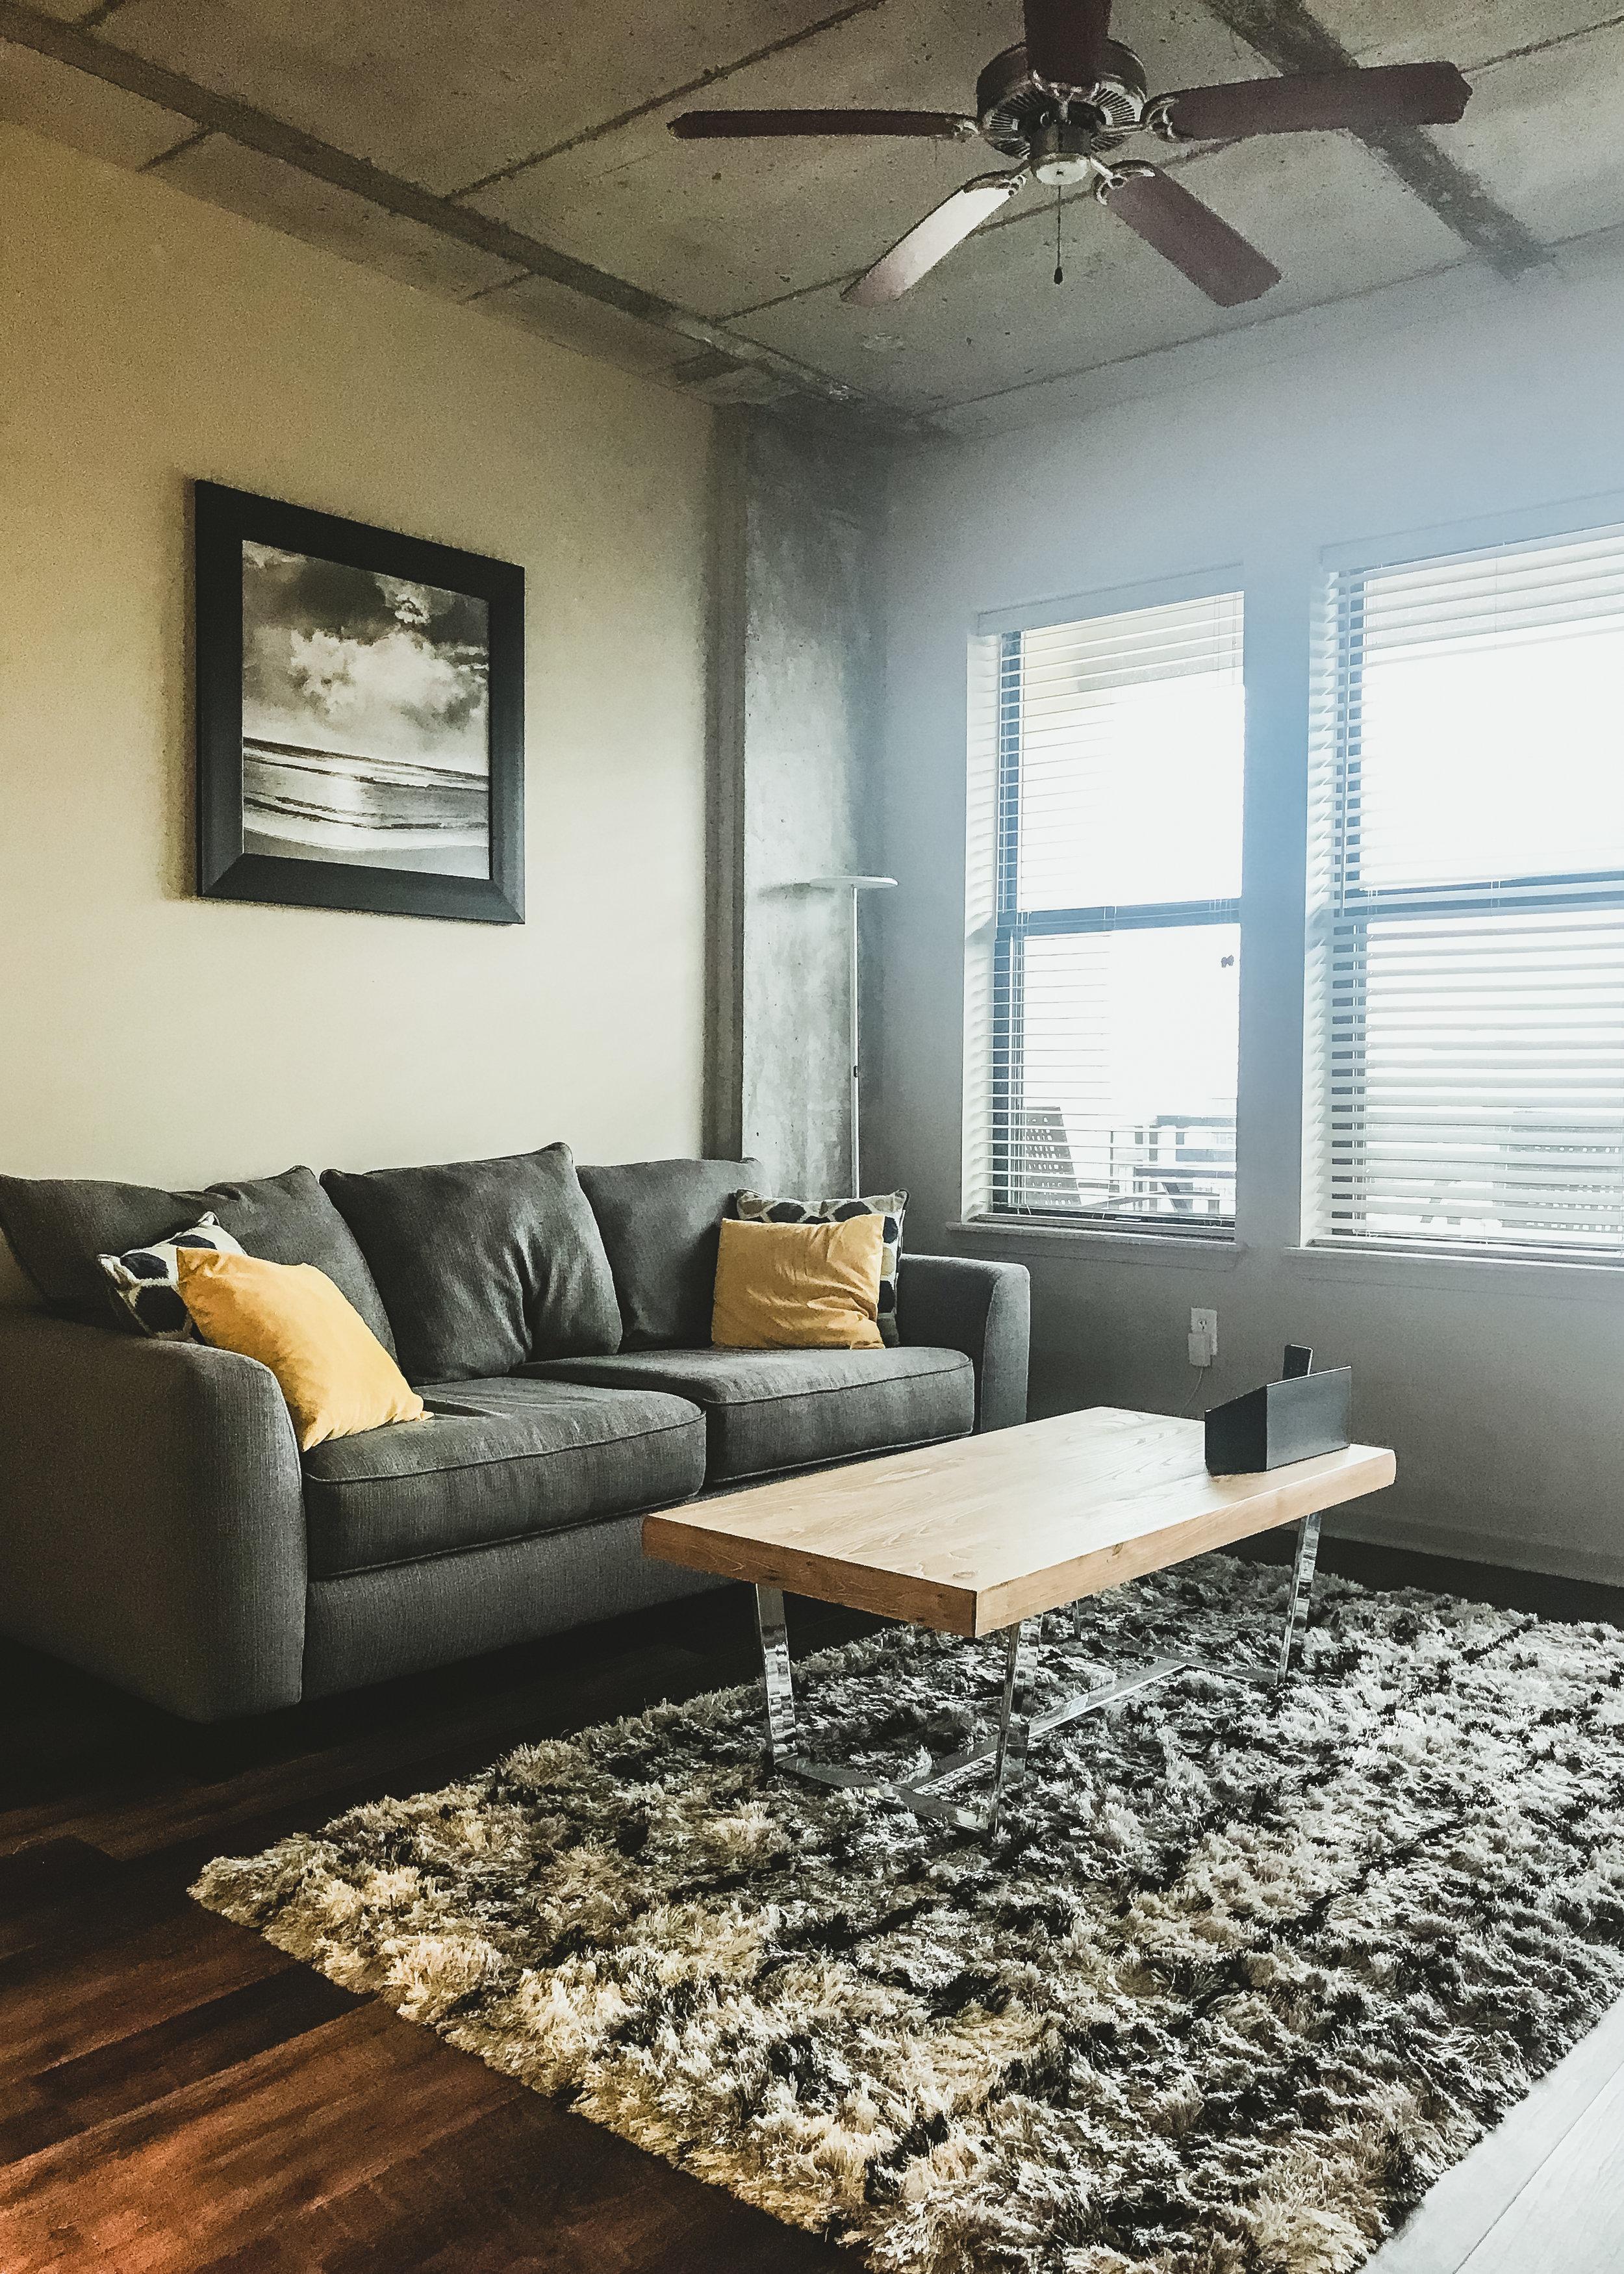 LSS Nashville Airbnb